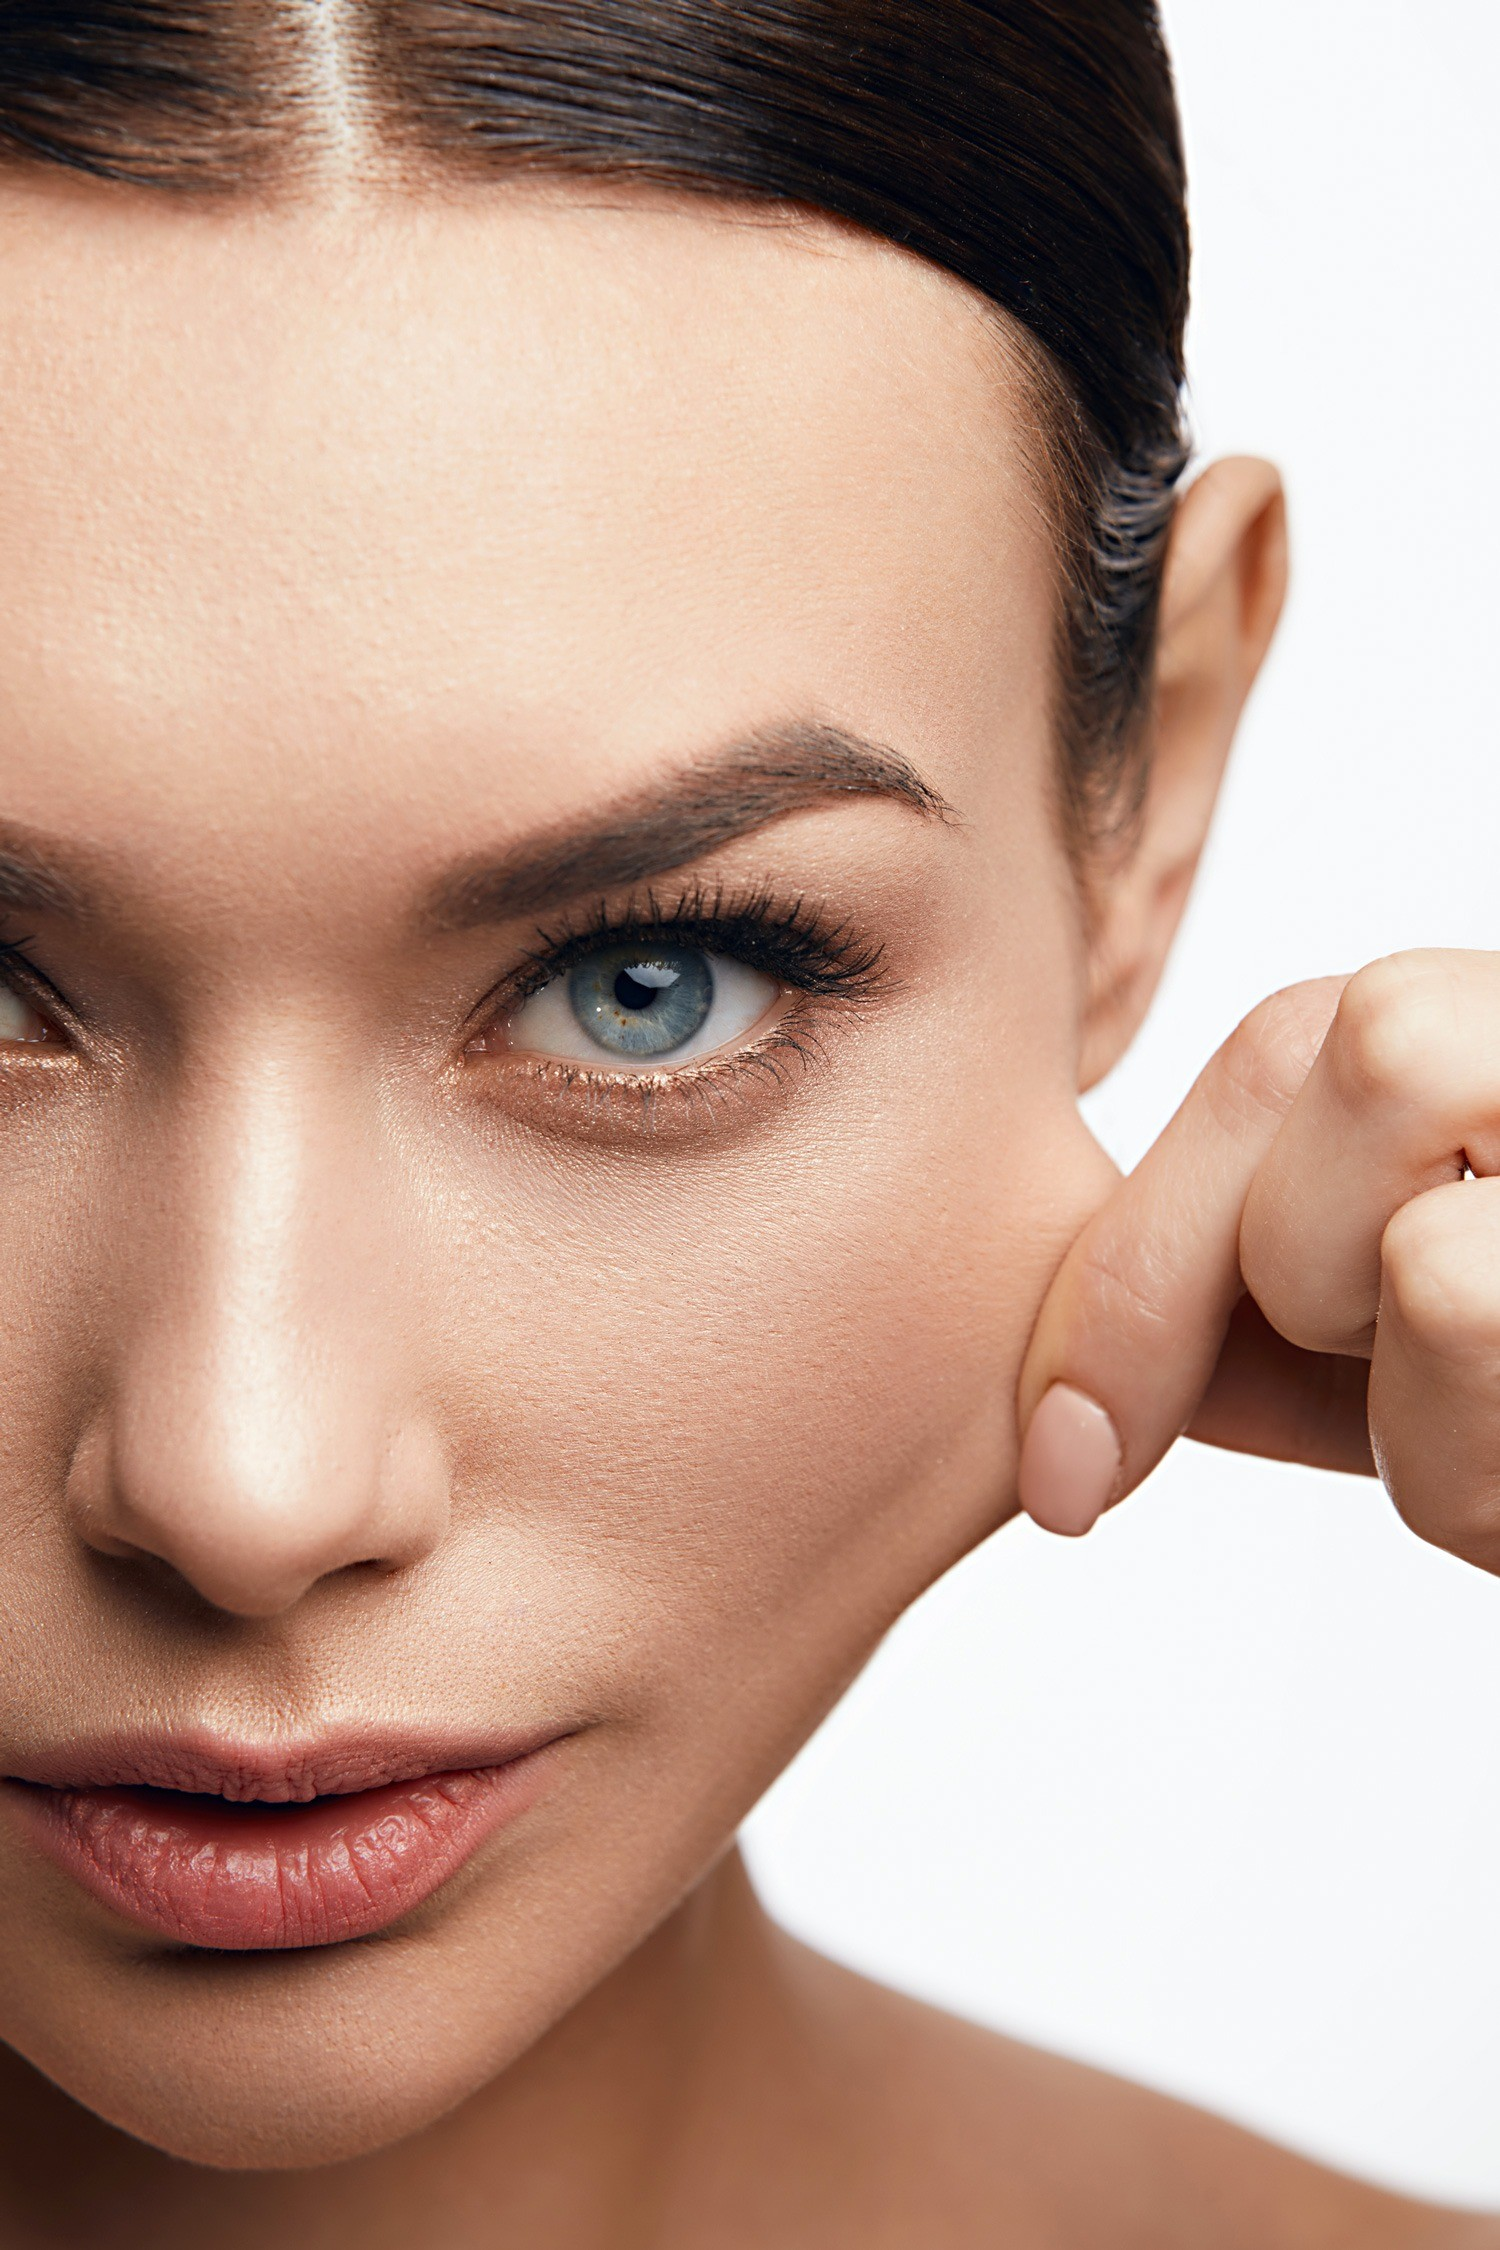 Аптечная косметика: в чем ее преимущества?